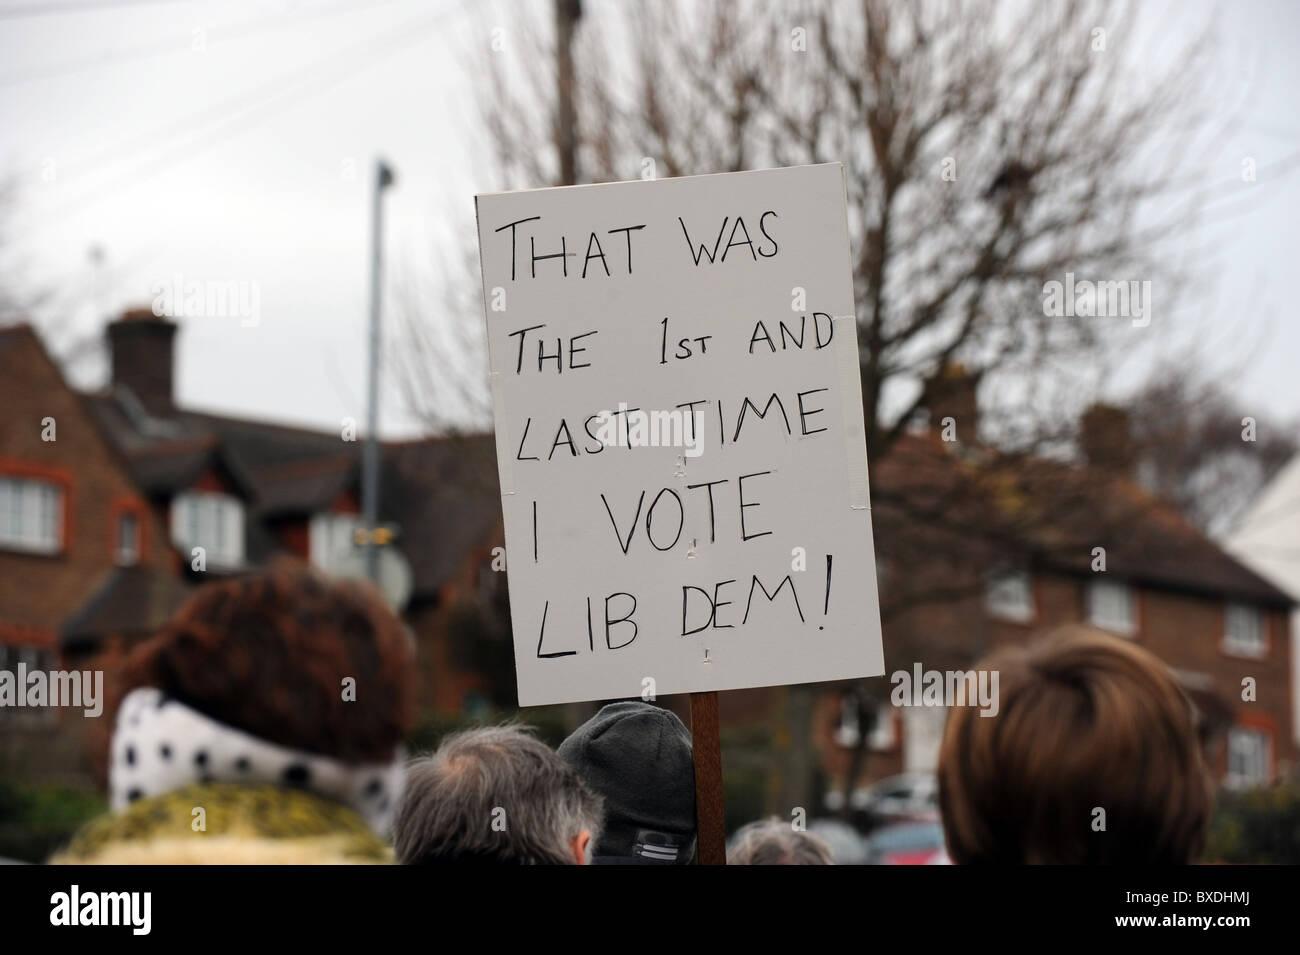 Anti-Lib Dem Plakat während auf dem Display während einer Protestaktion März über die Regierung Stockbild